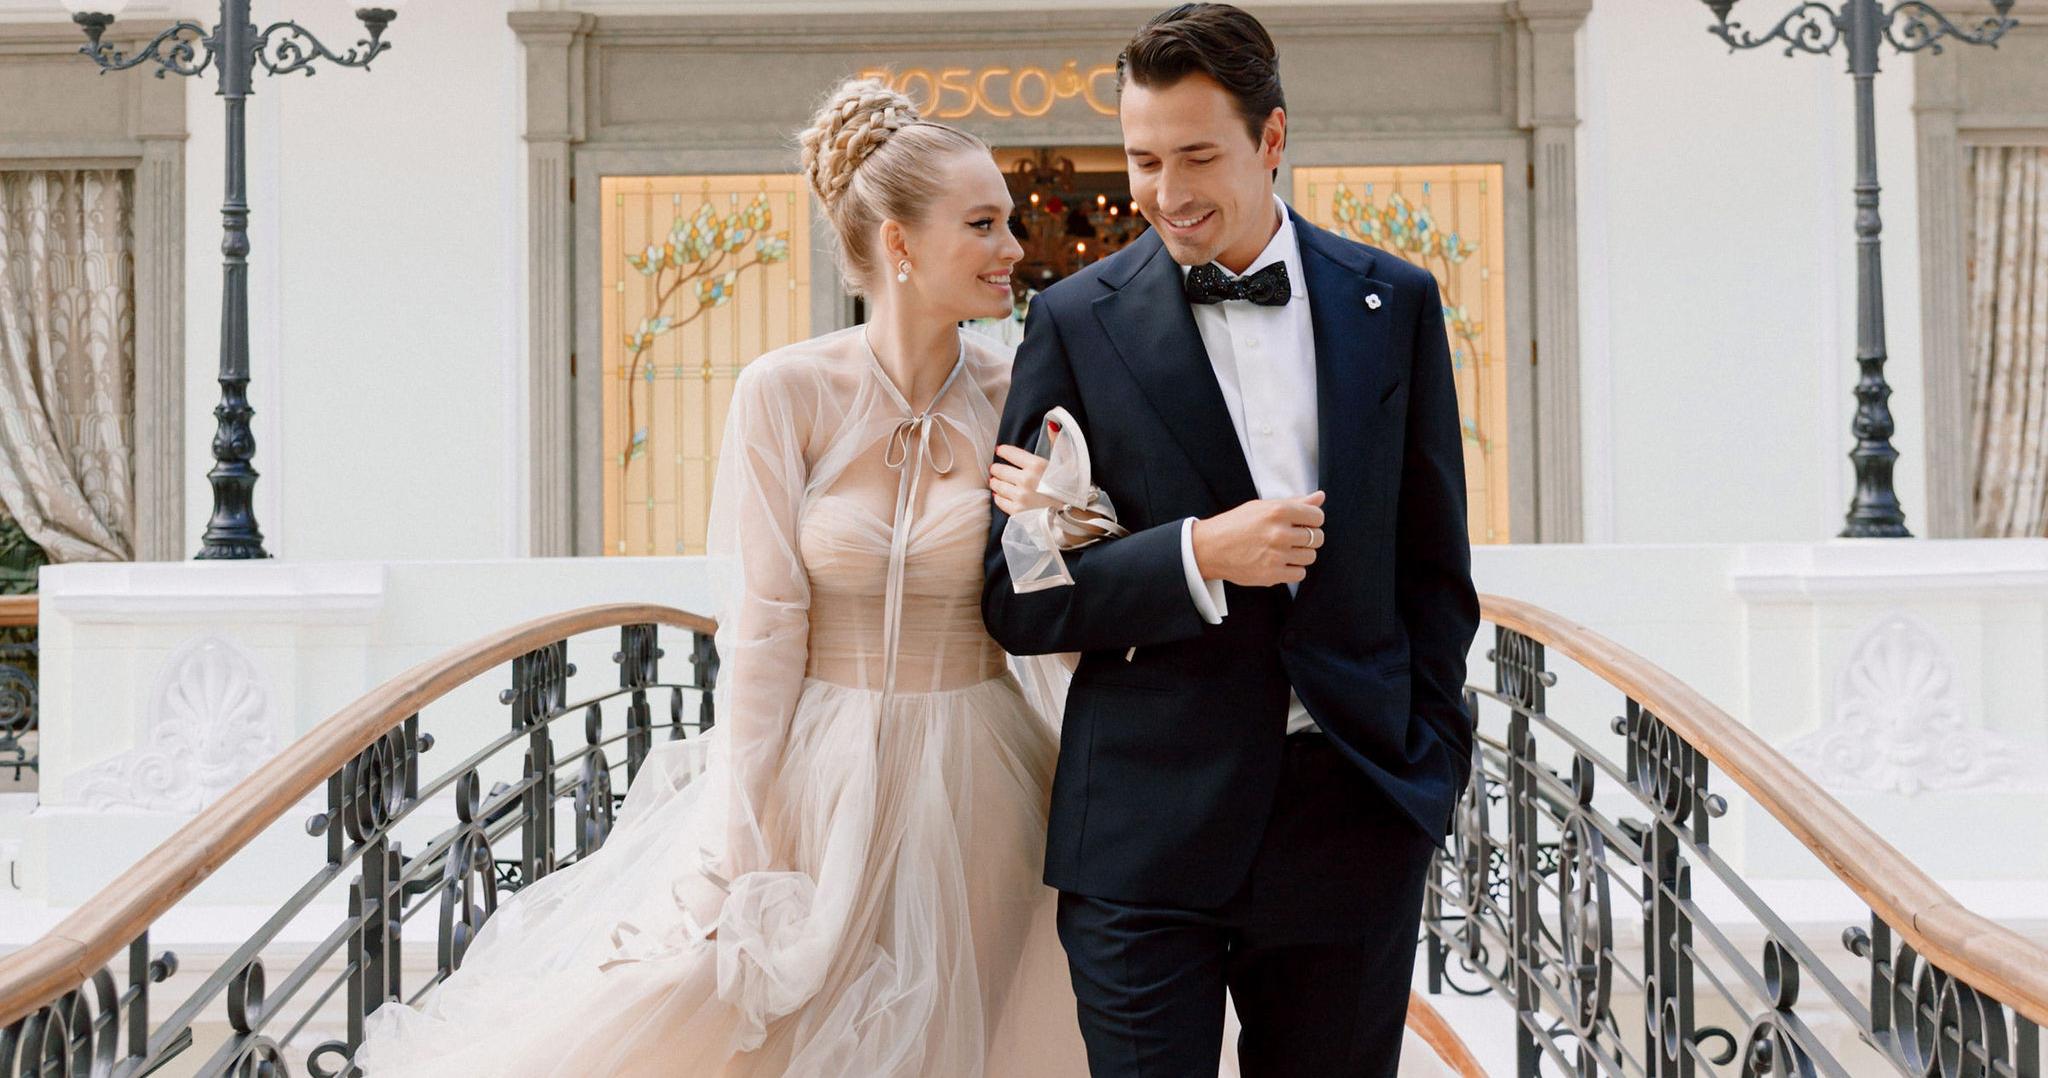 BoscoCeremony — вдохновляющая локация для свадебного утра